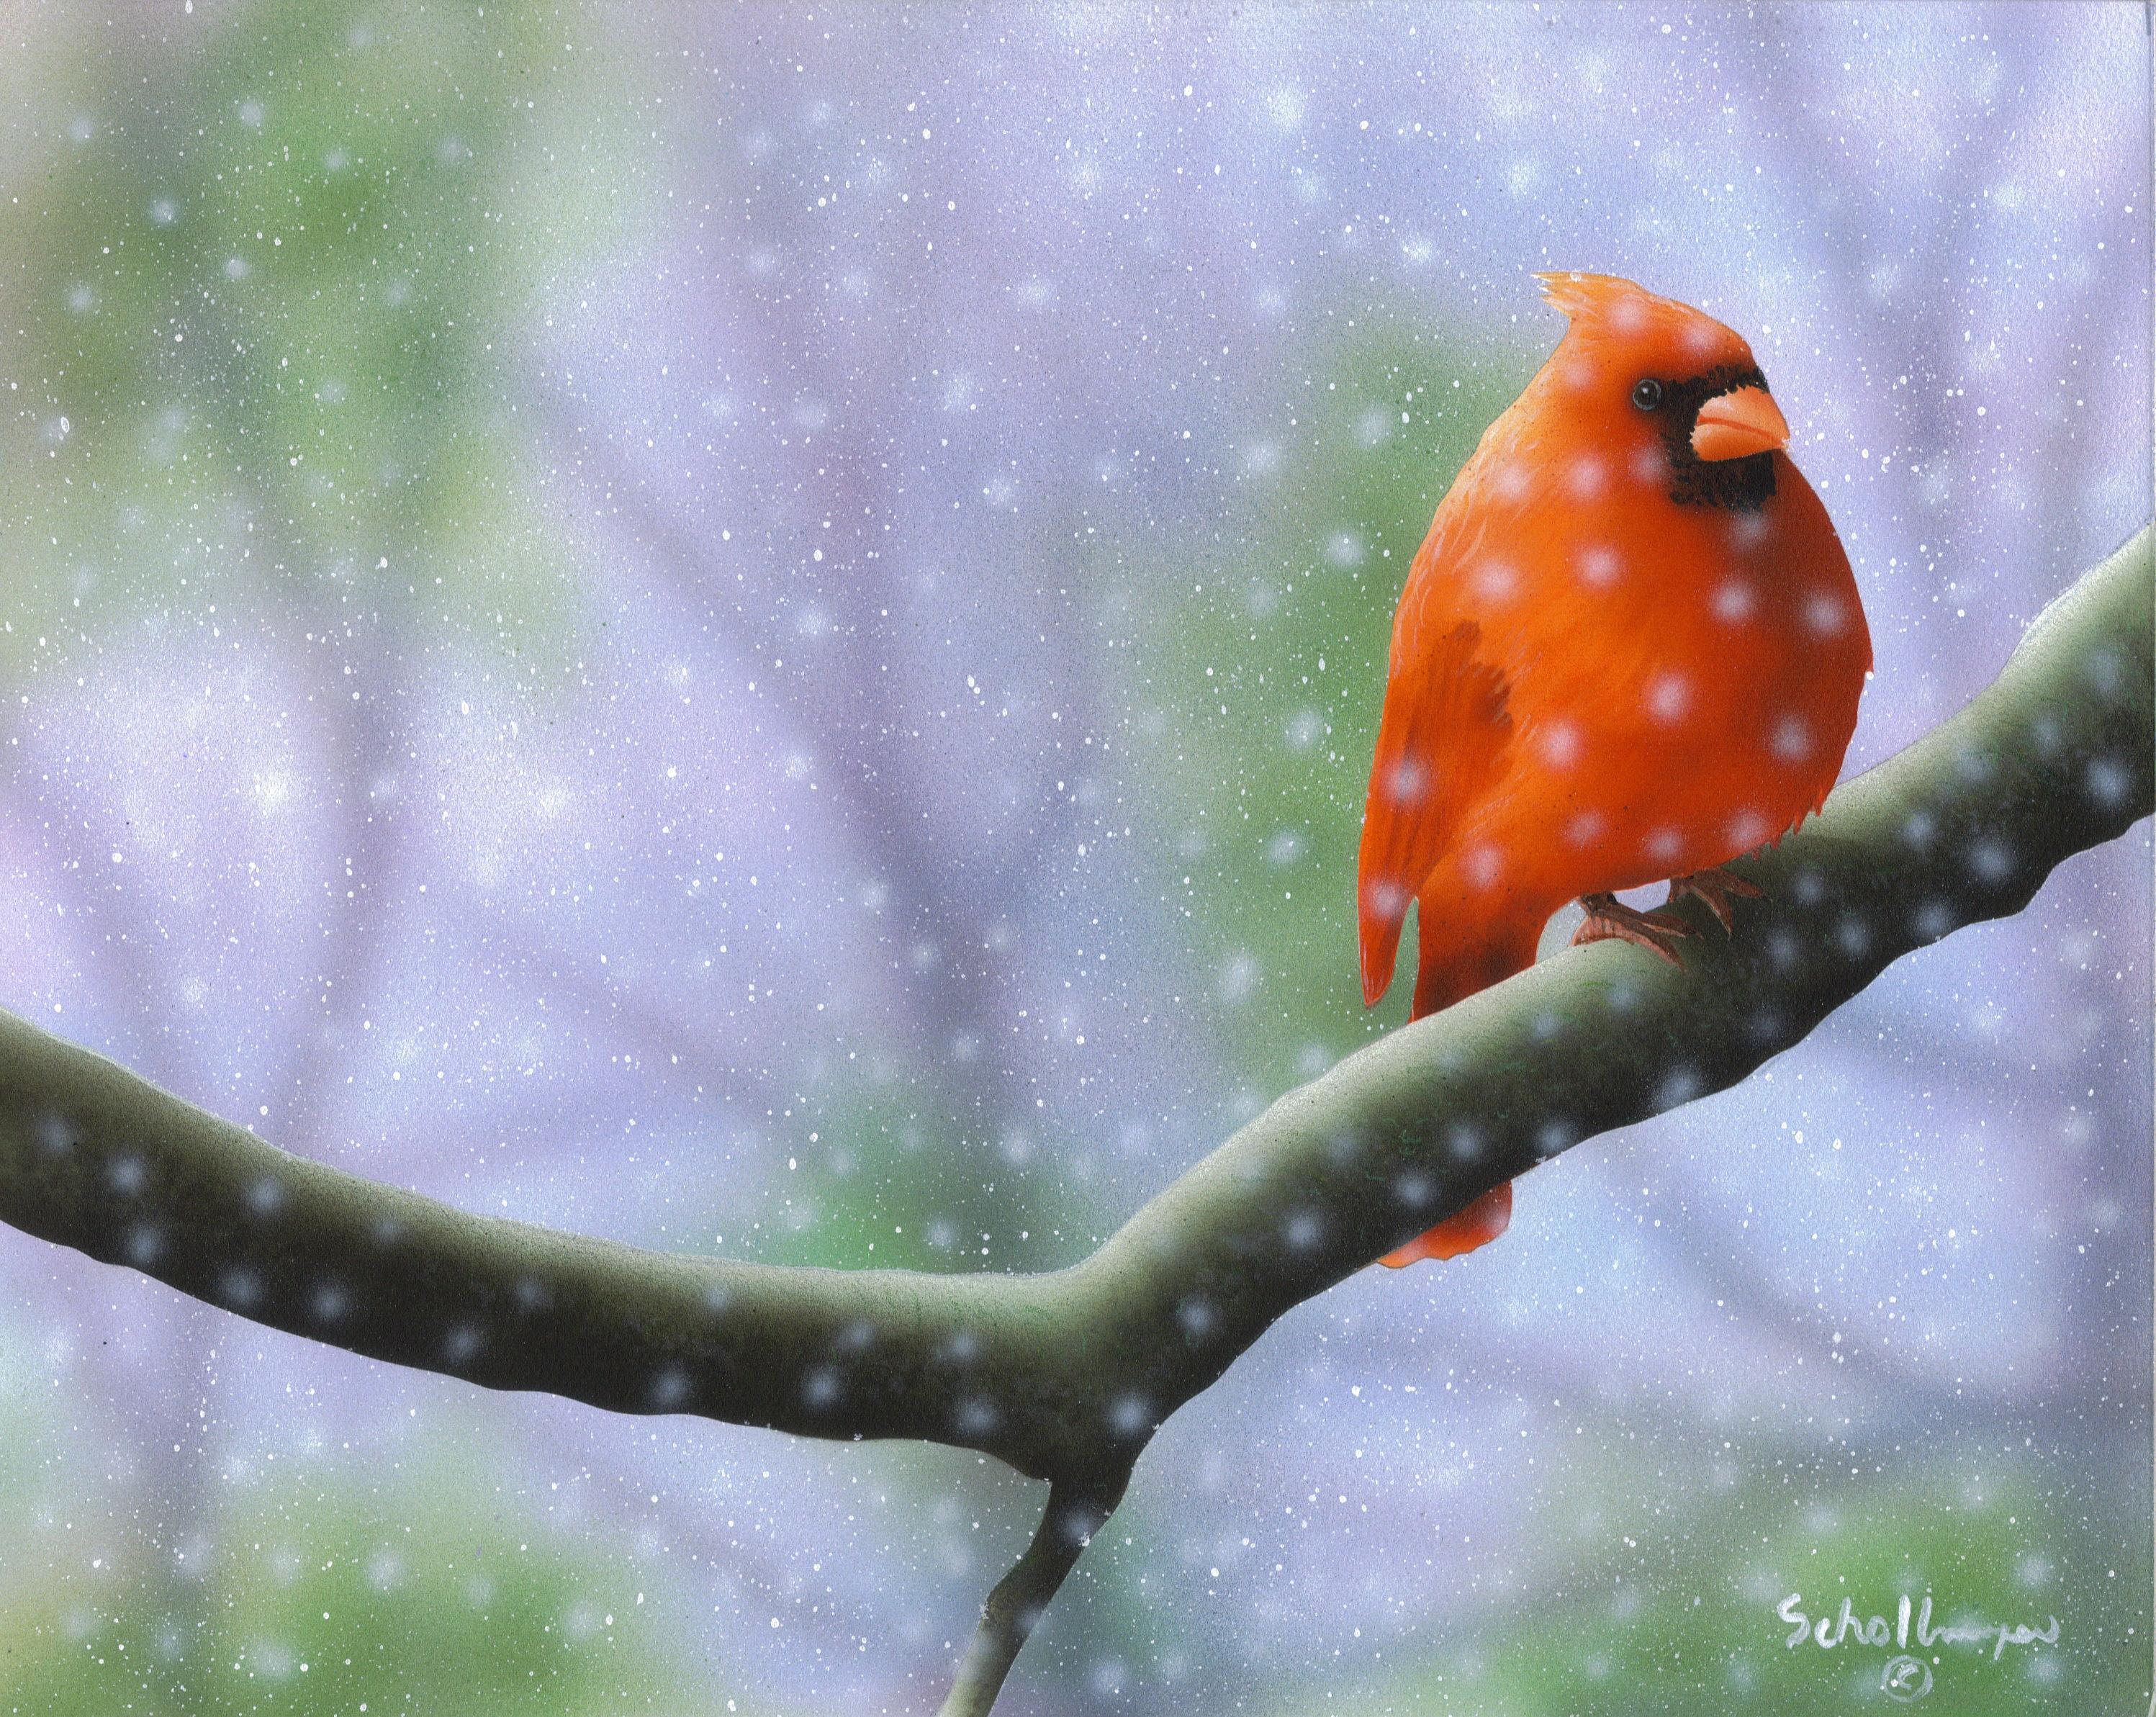 Late Winter Perch